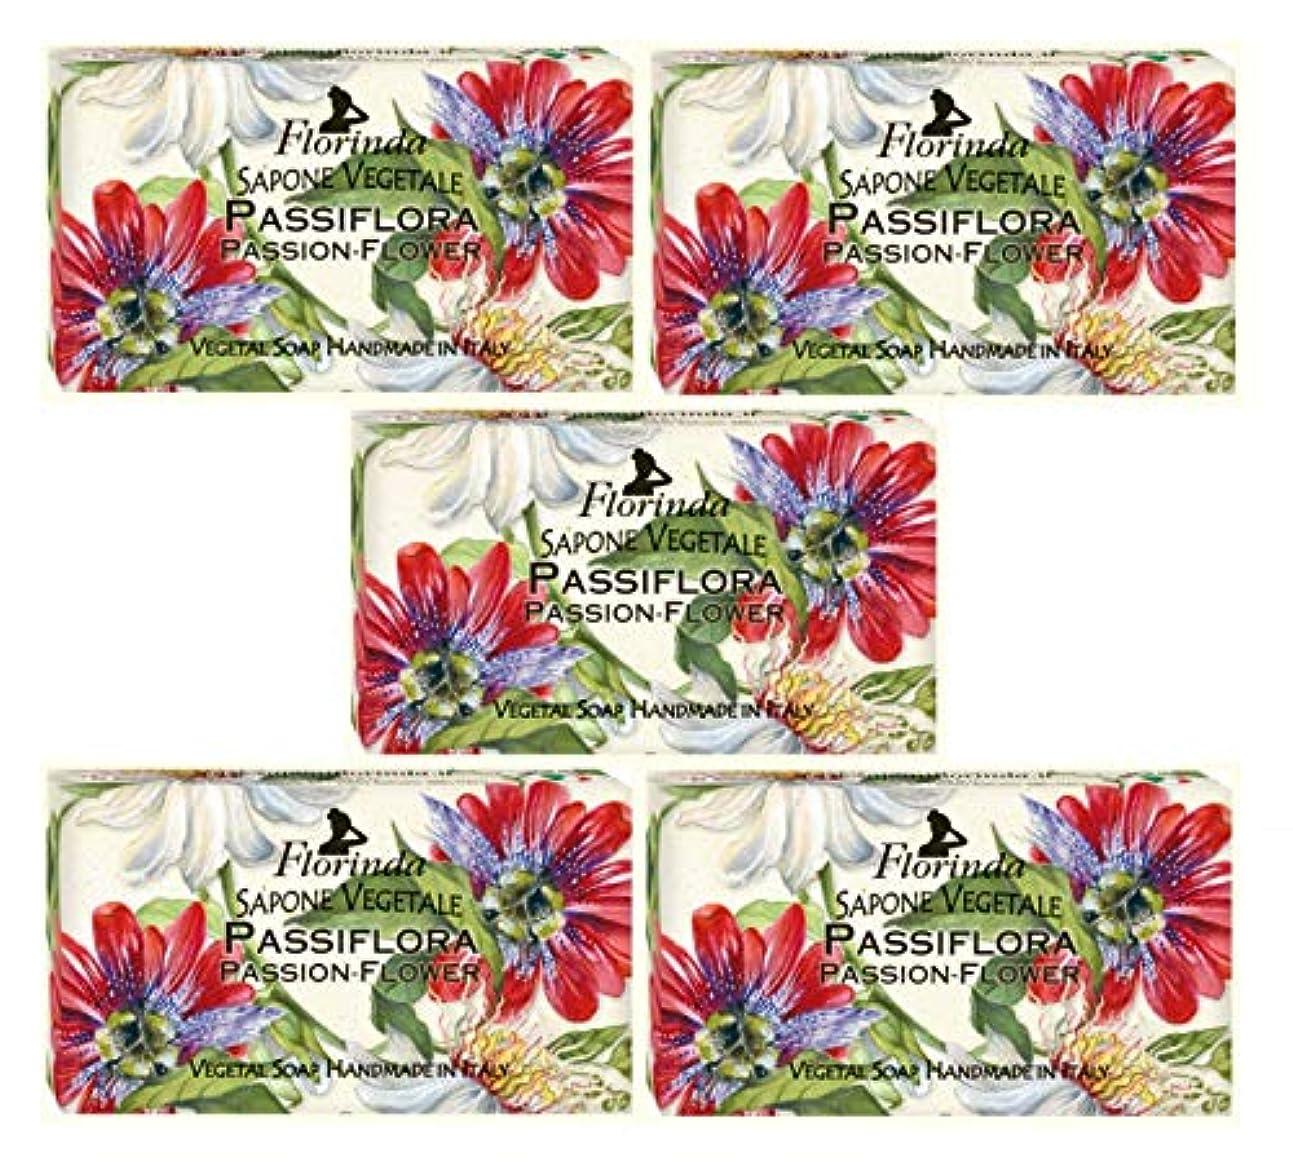 分類集団的と組むフロリンダ フレグランスソープ 固形石けん 花の香り パッションフラワー 95g×5個セット